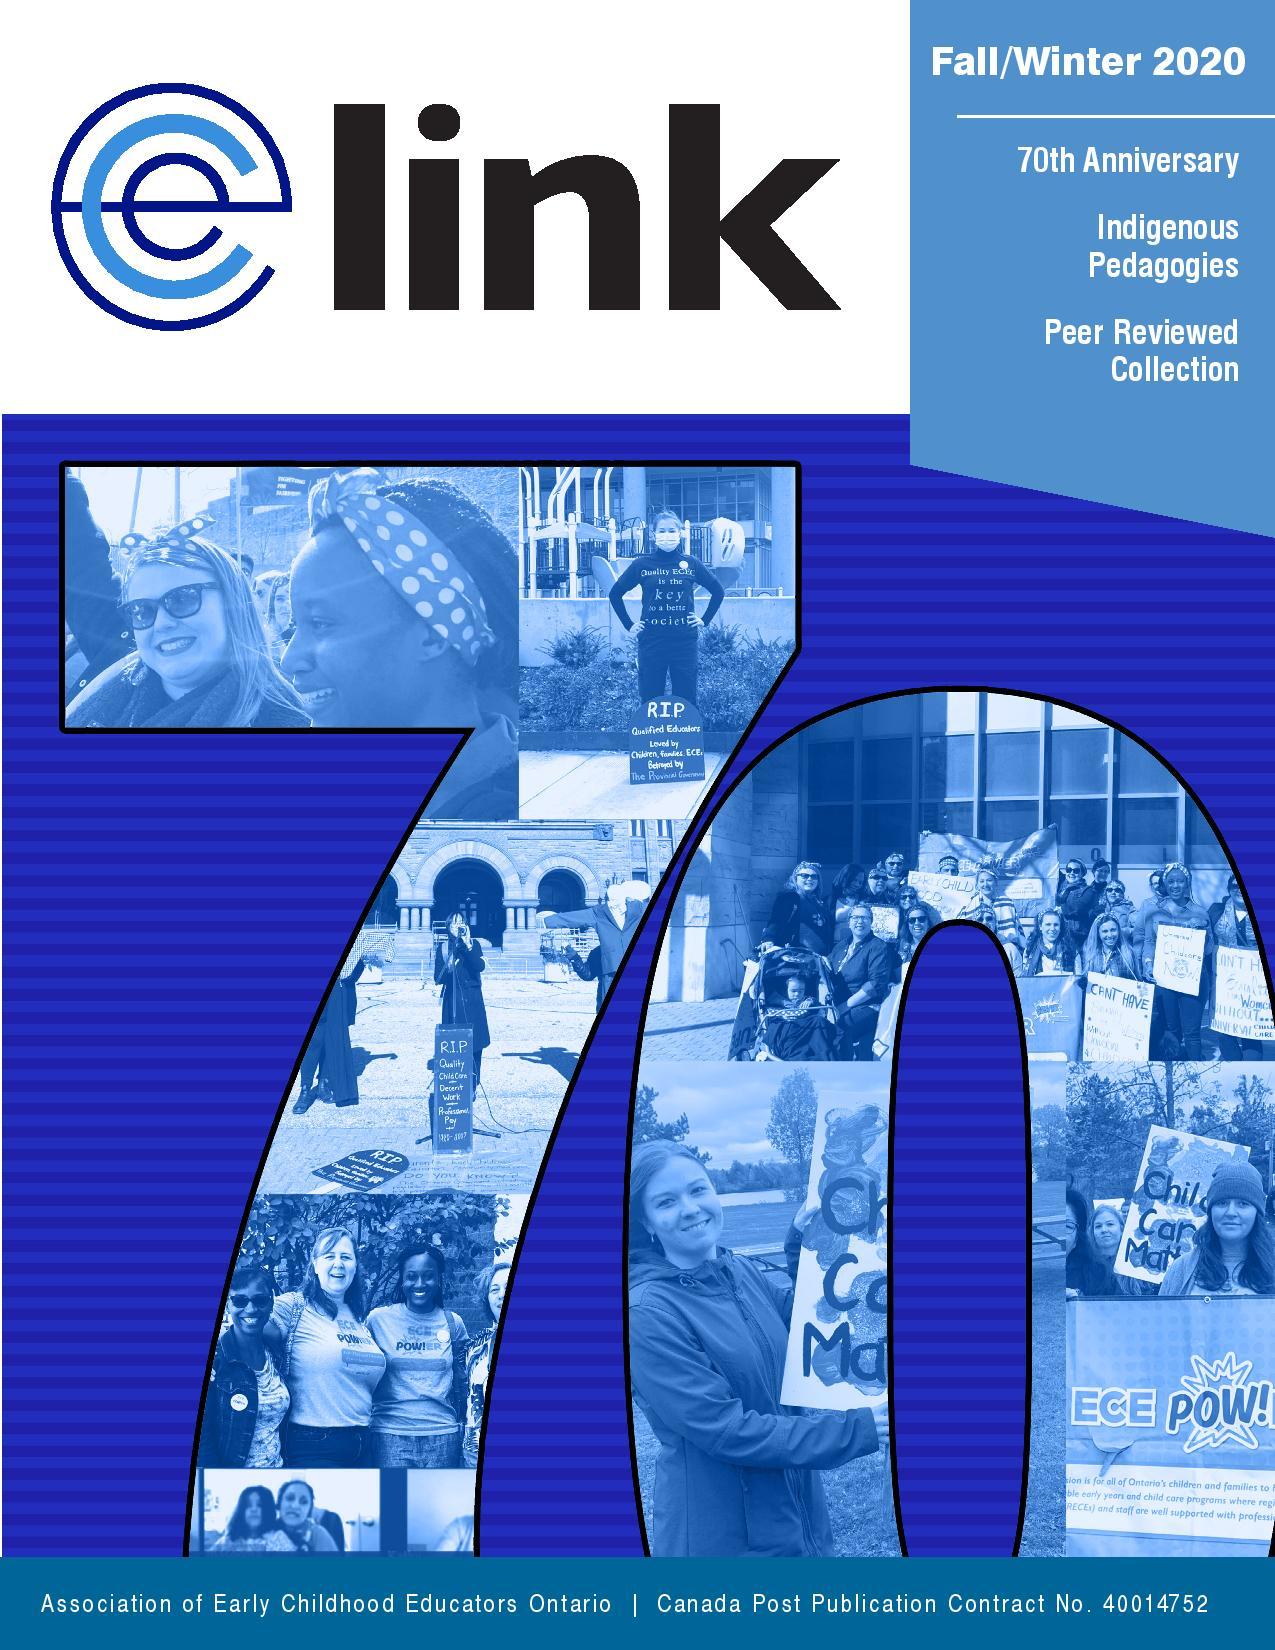 eceLINK_Fall_2020_(2)-page-001.jpg